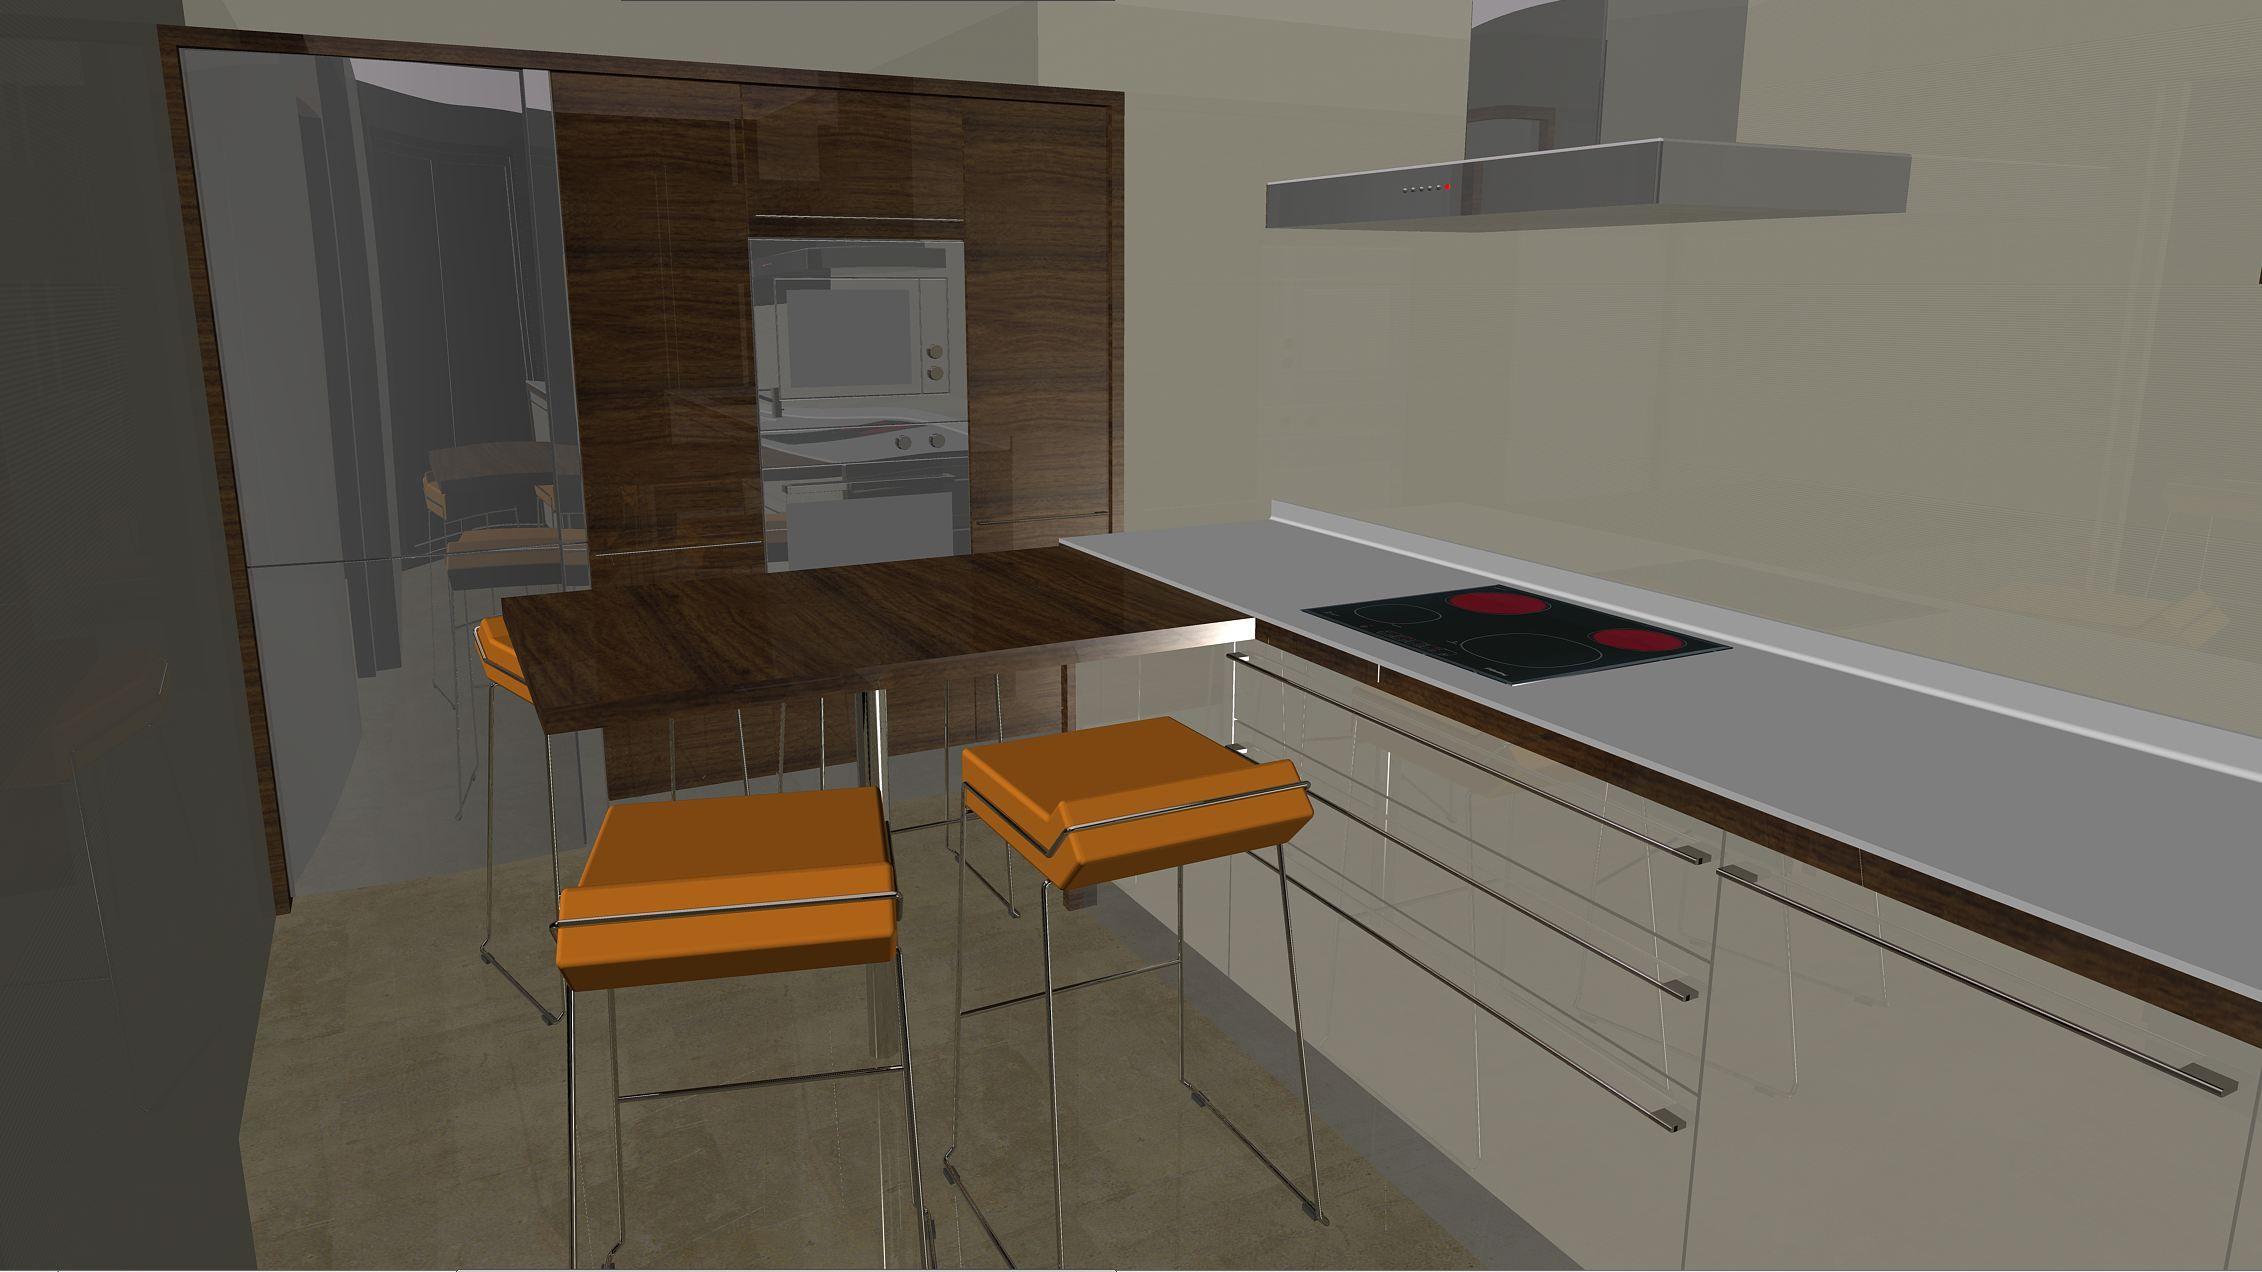 Fantástico Ikea Cocina Guía Del Usuario Planificador Elaboración ...